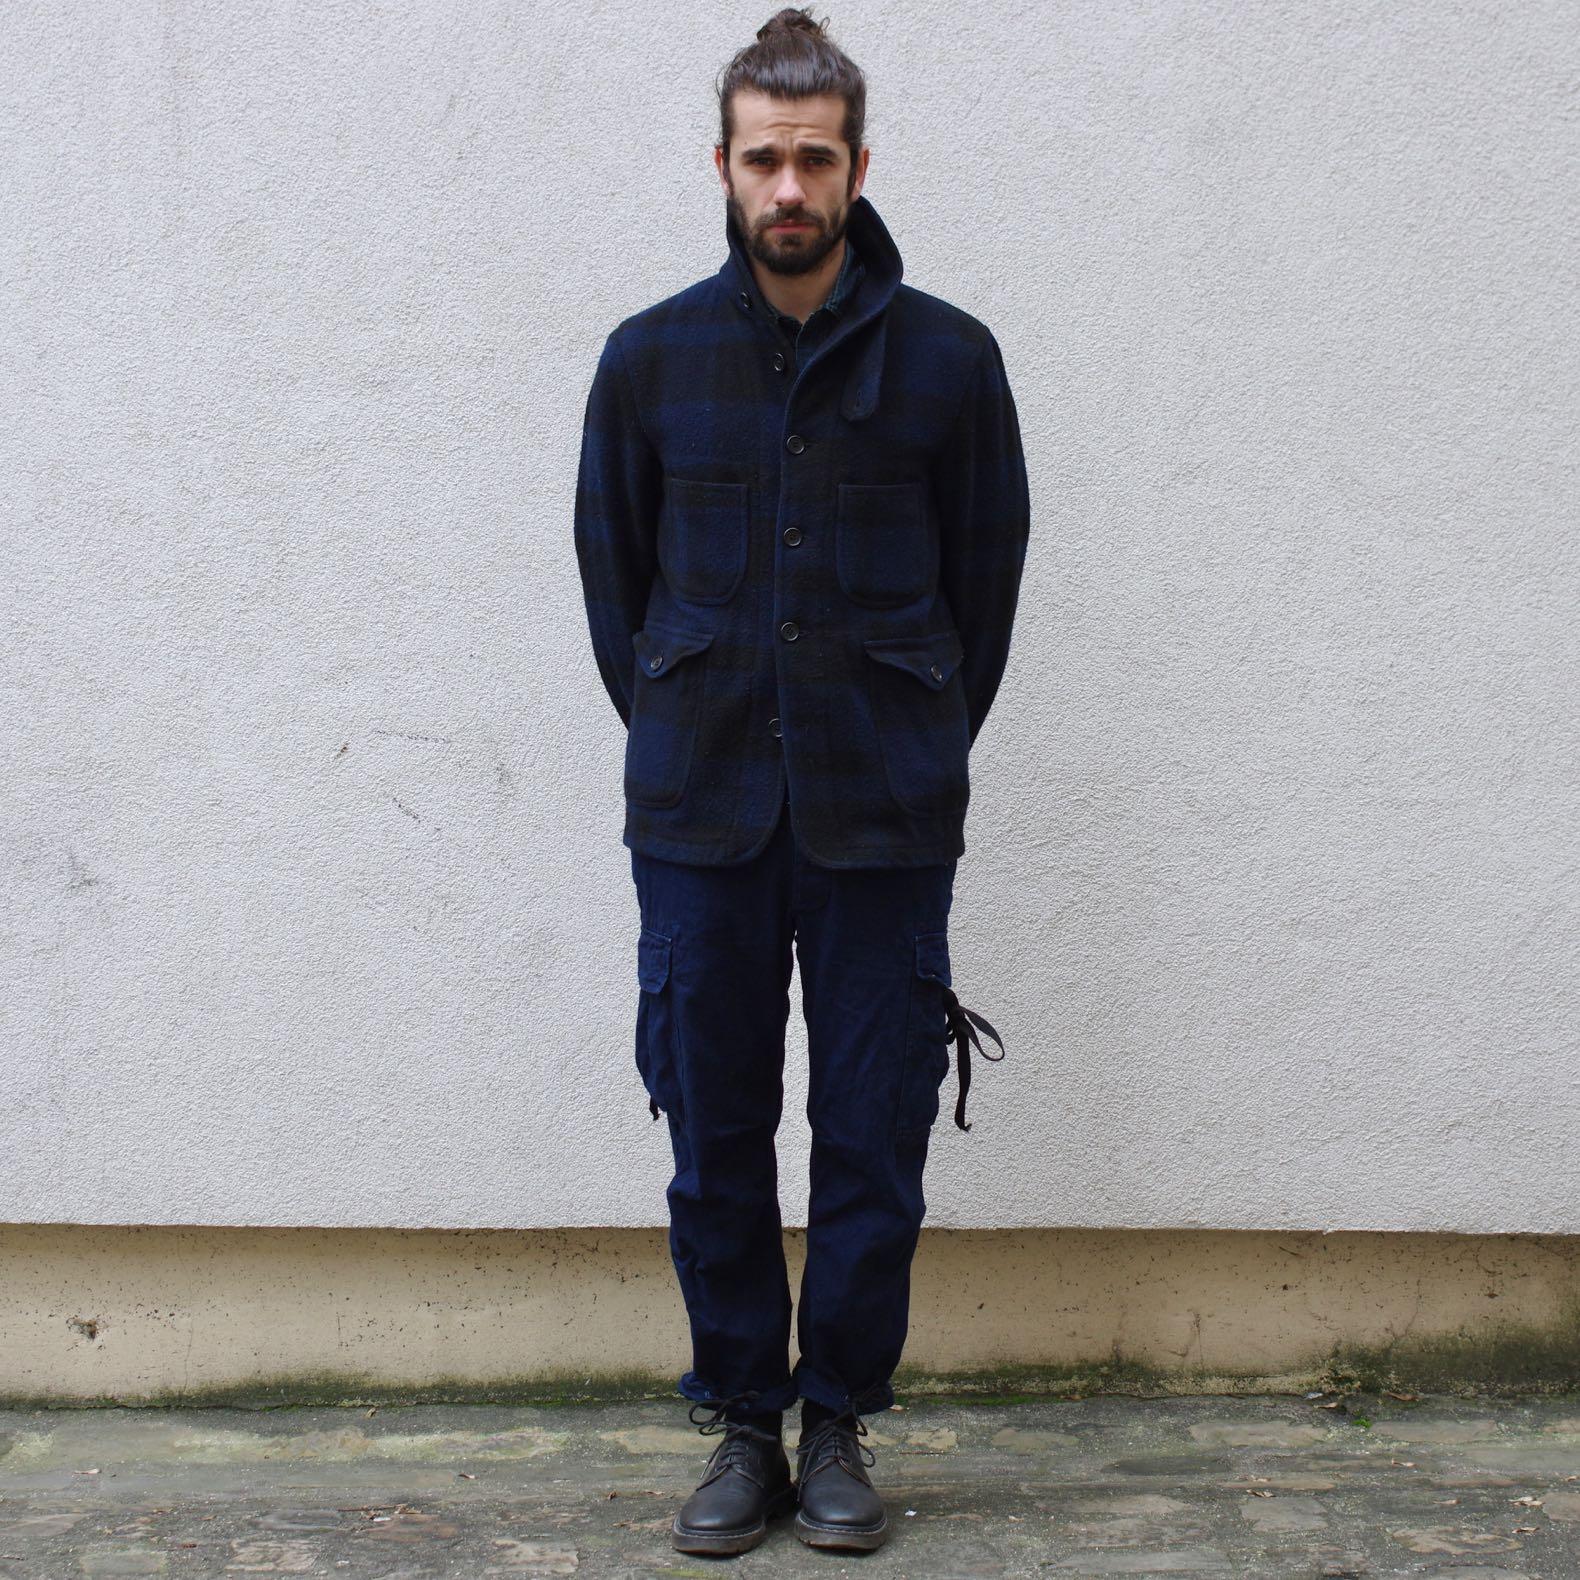 porter du bleu et du noir dans une tenue vêtement homme